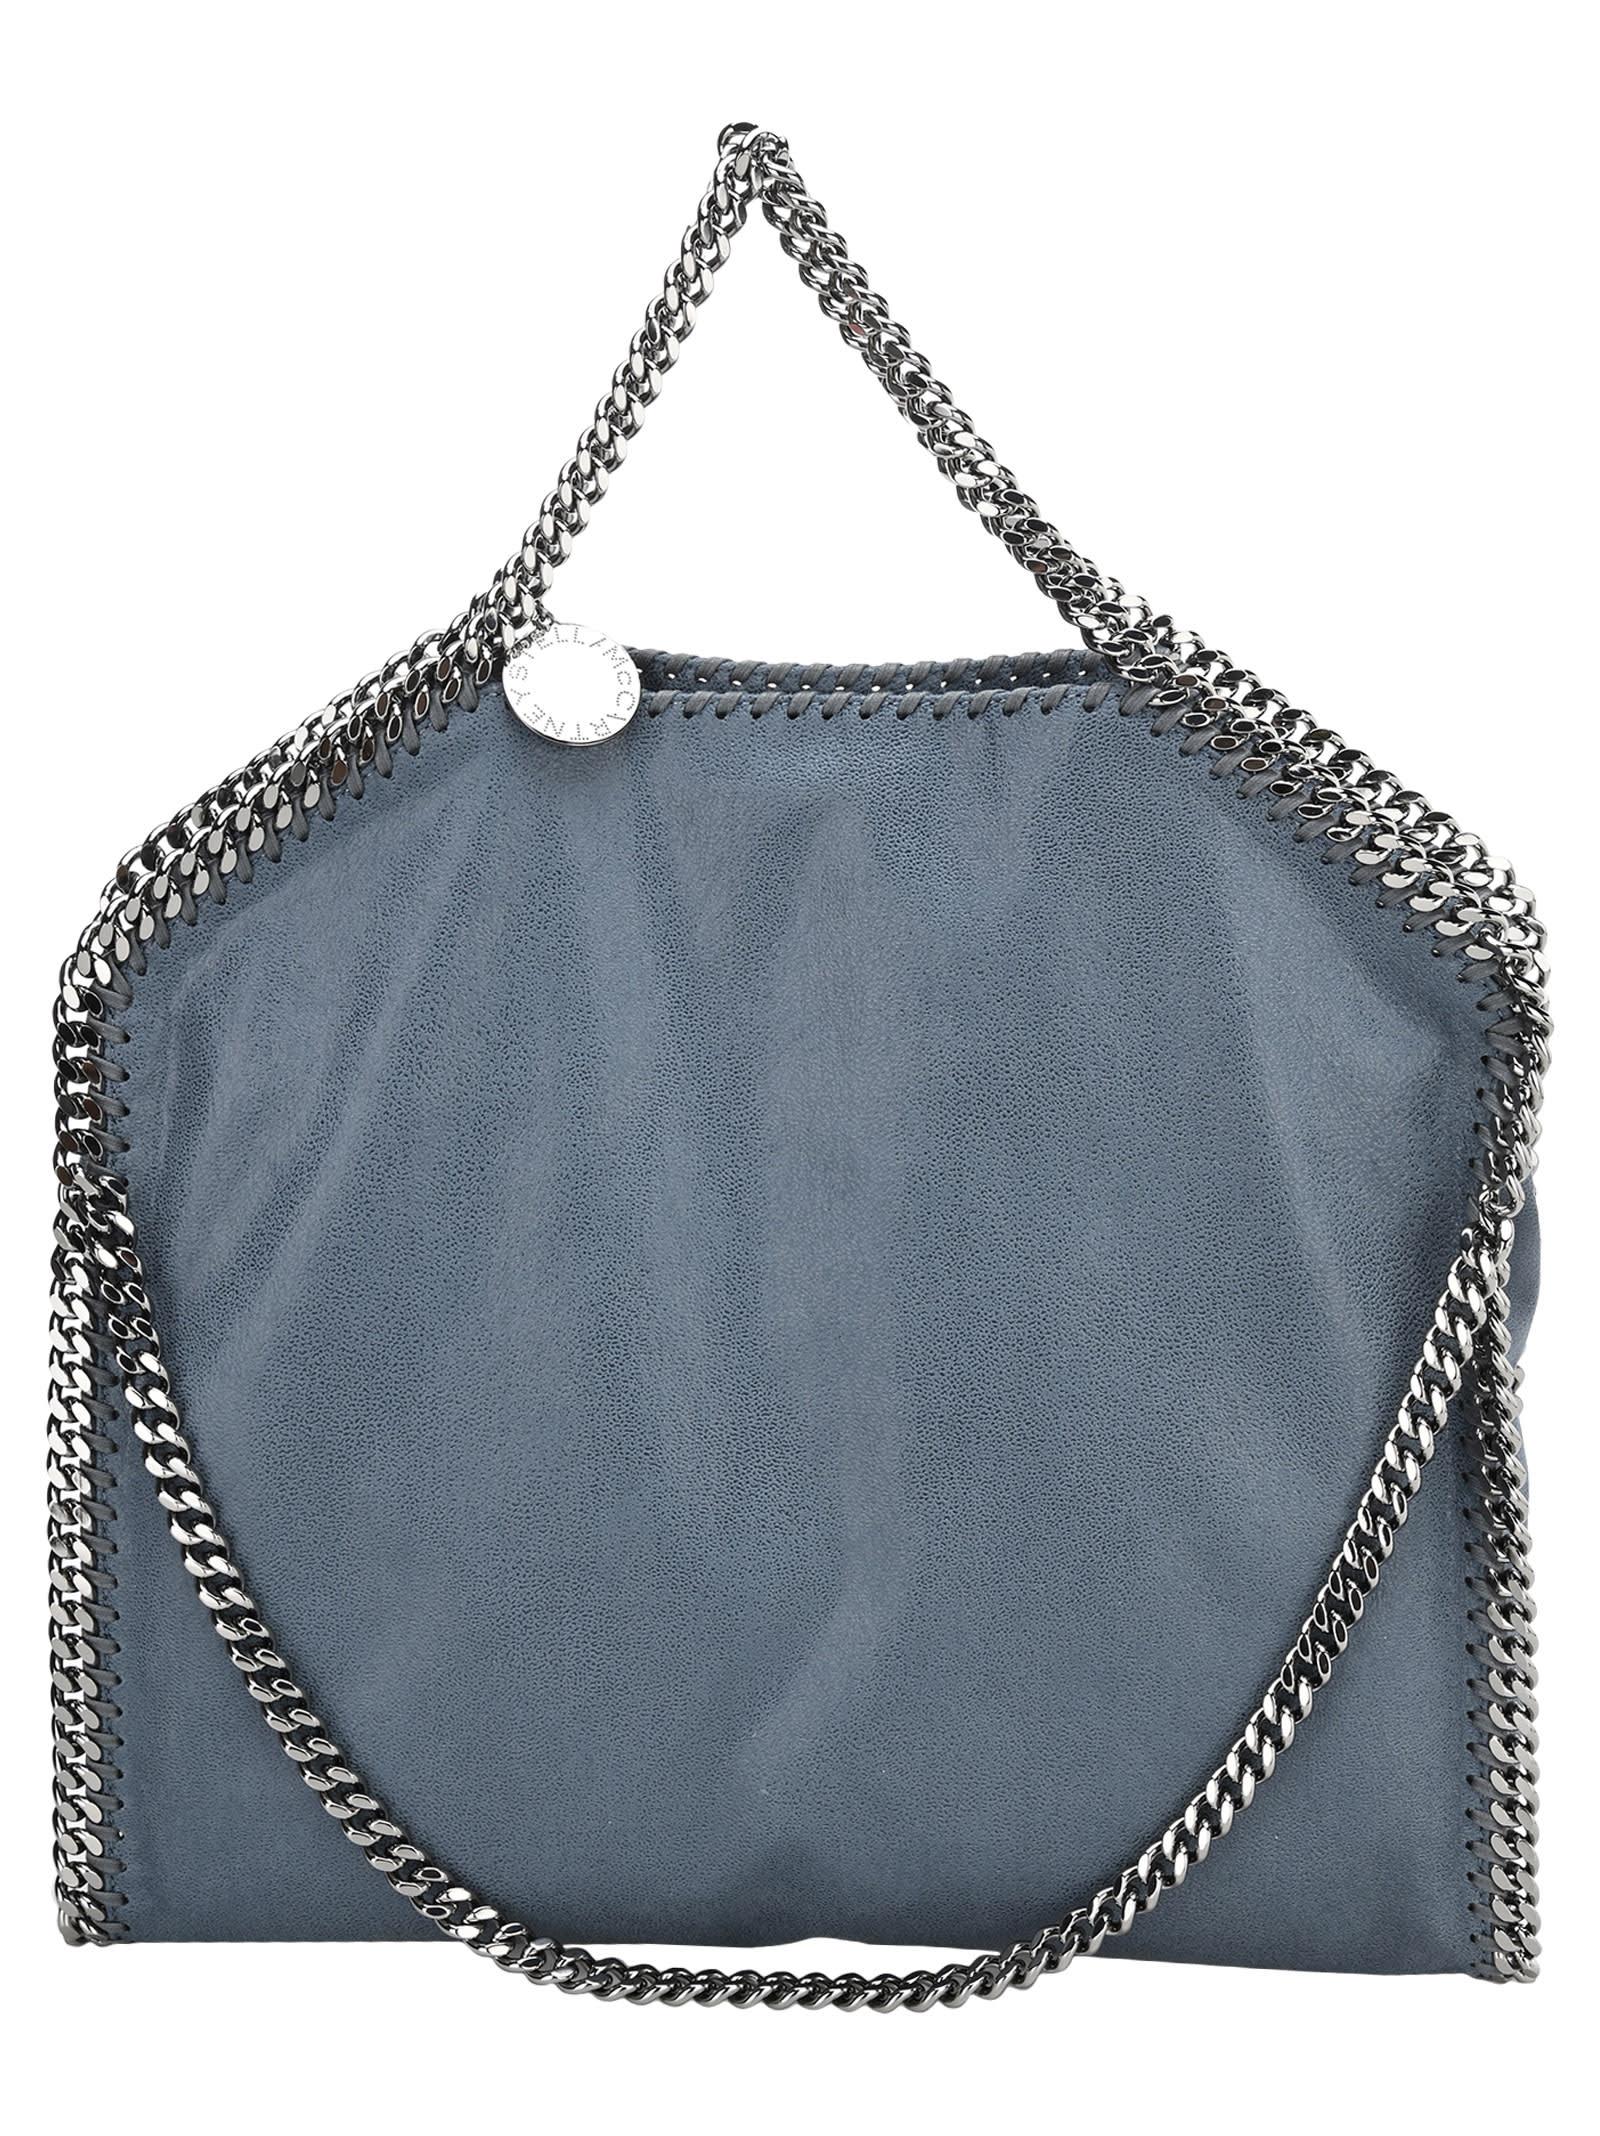 3 Chain Falabella Bag